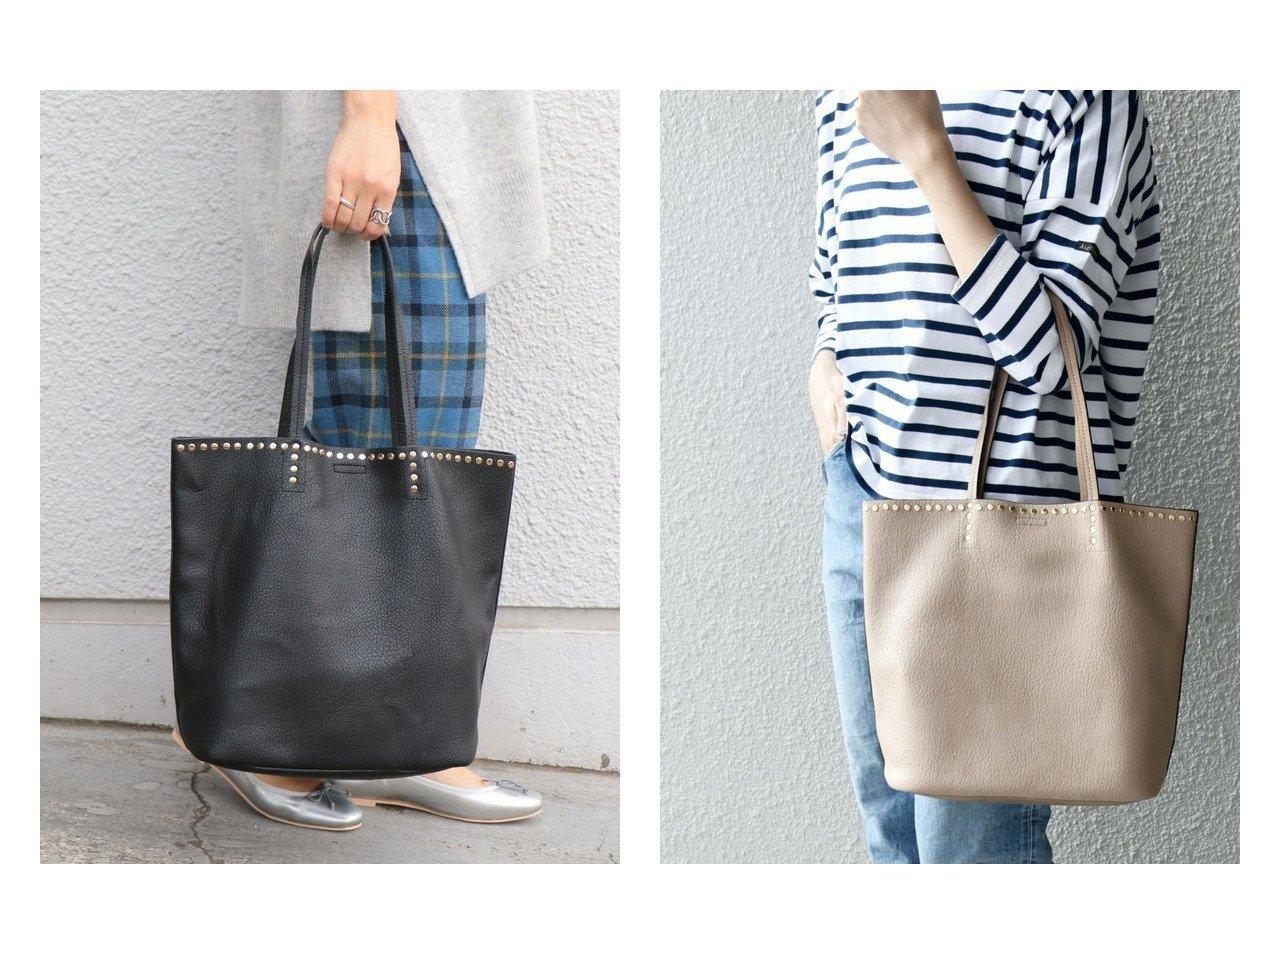 【SHIPS any/シップス エニィ】のSHIPS any: 2WAY スタッズ ビッグトート 2 バッグ・鞄のおすすめ!人気トレンド・レディースファッションの通販 おすすめで人気の流行・トレンド、ファッションの通販商品 メンズファッション・キッズファッション・インテリア・家具・レディースファッション・服の通販 founy(ファニー) https://founy.com/ ファッション Fashion レディースファッション WOMEN バッグ Bag インナー ショルダー シンプル スタッズ ポーチ マグネット 人気 A/W 秋冬 Autumn &  Winter |ID:crp329100000008564